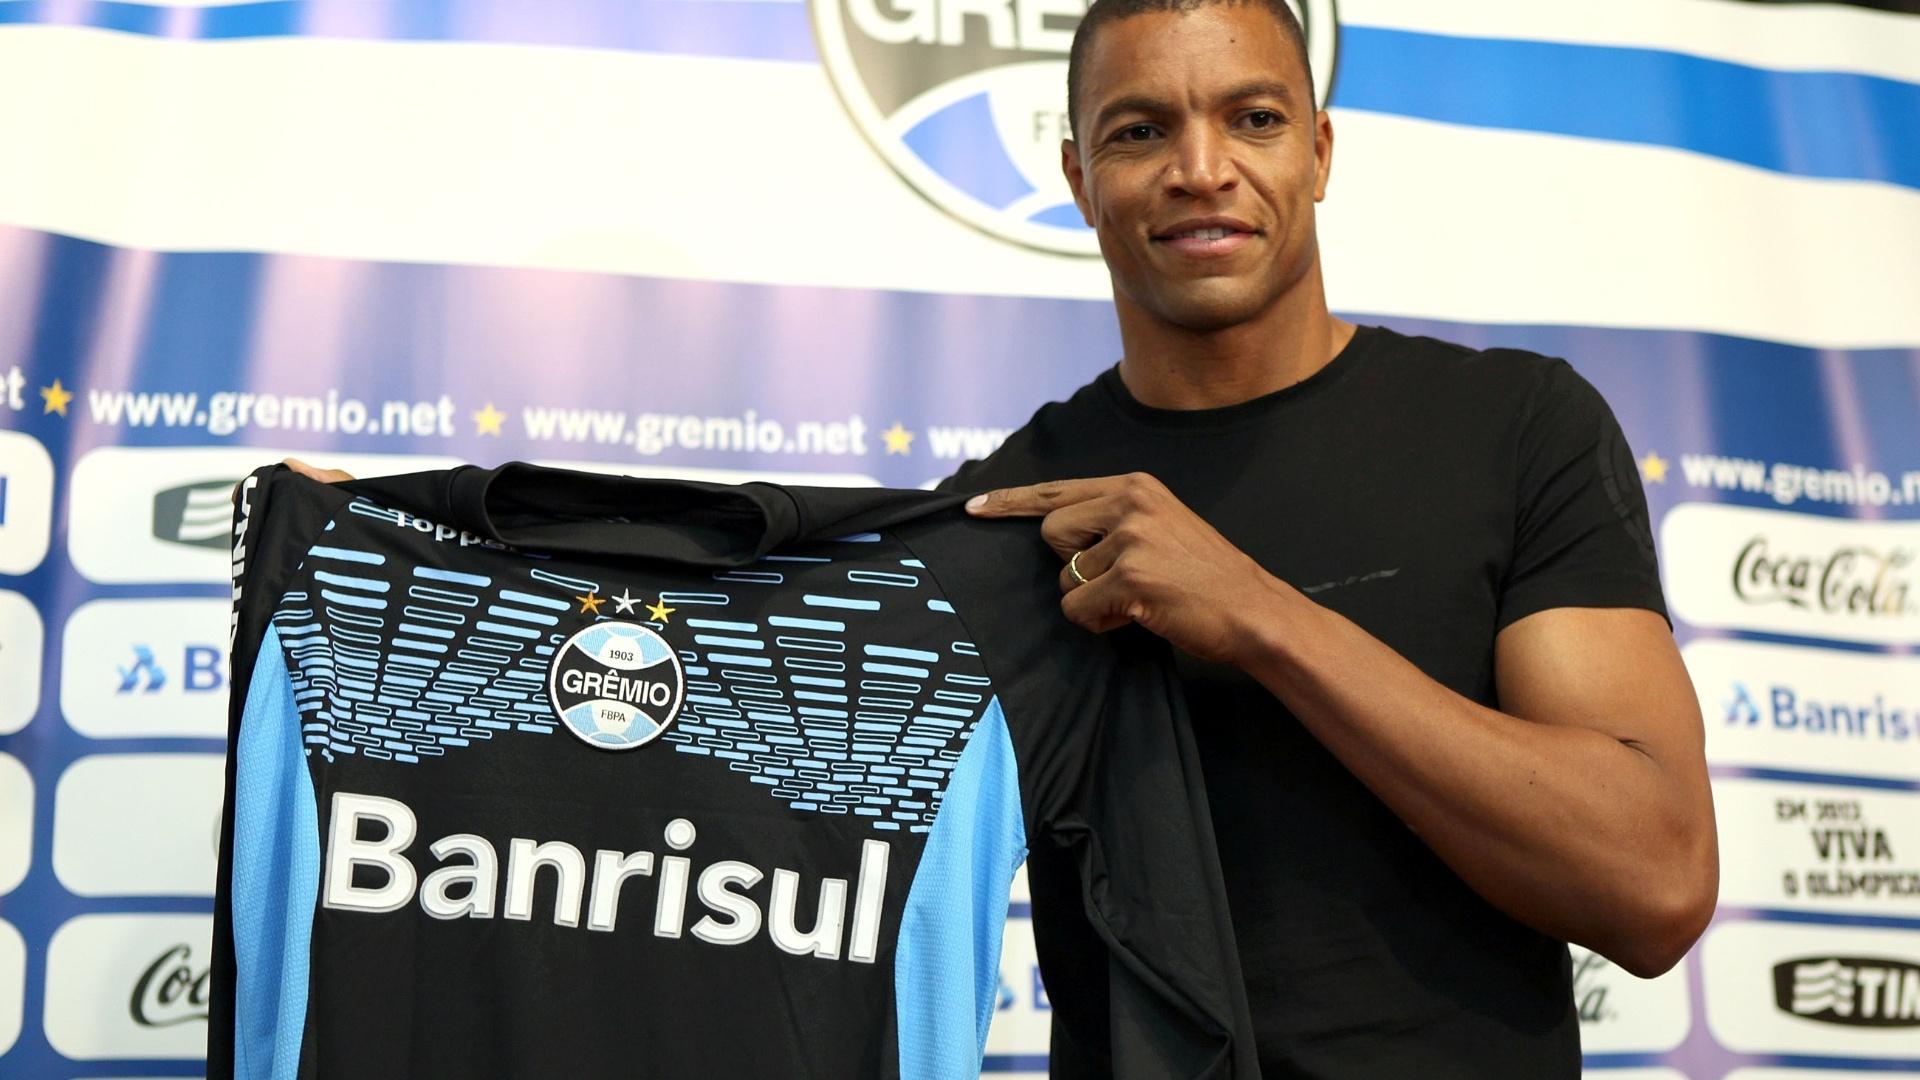 Dida mostra a camisa enquanto é apresentado como novo goleiro Grêmio, nesta quarta-feira